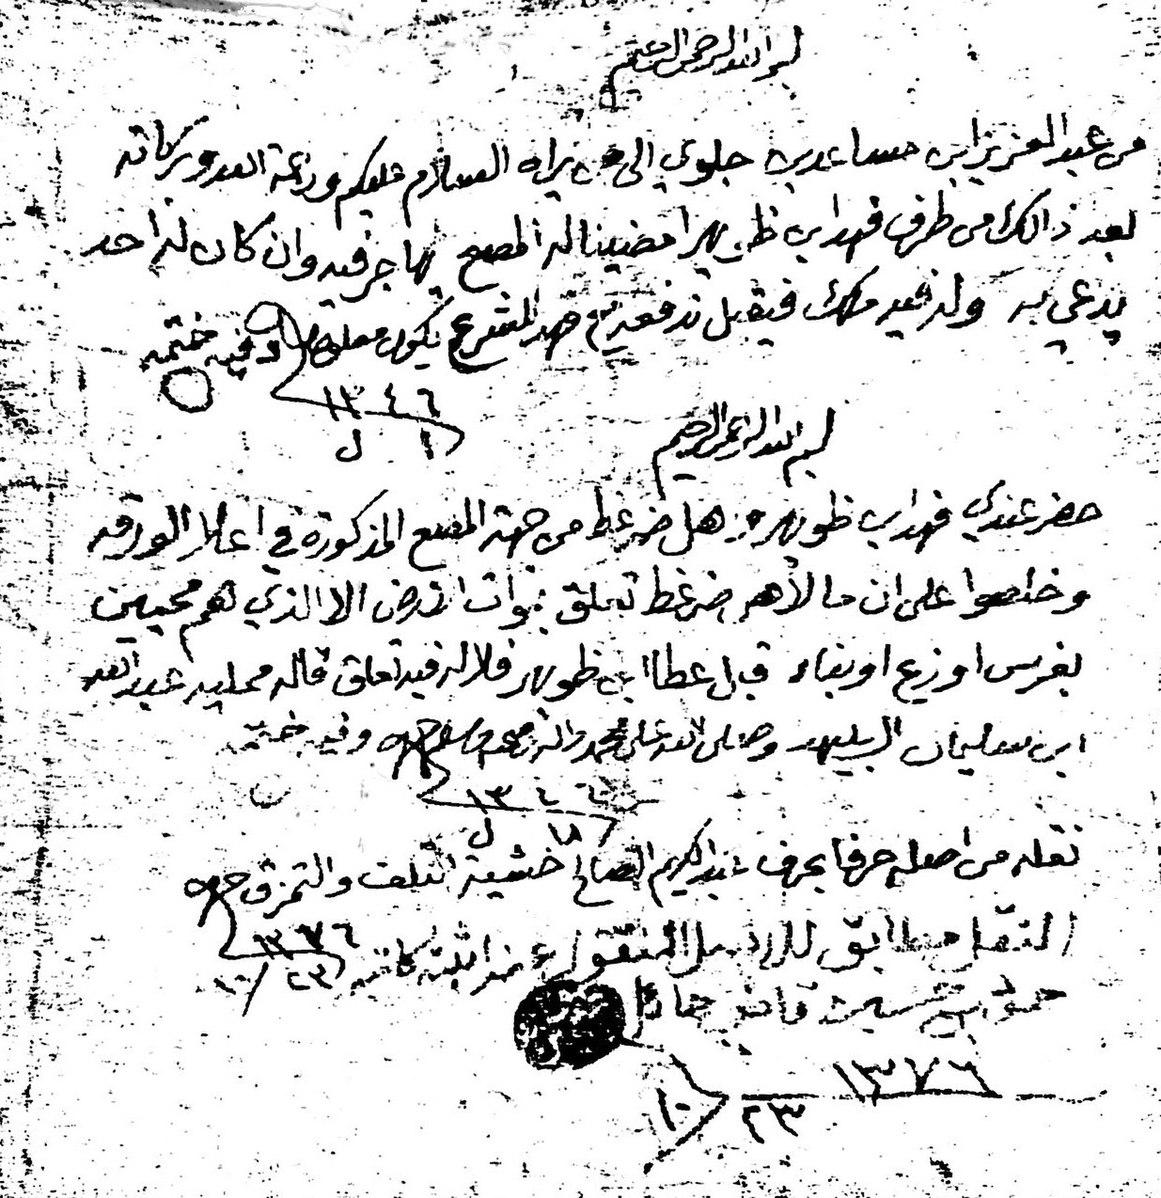 وثائق الشيخ ظويهر